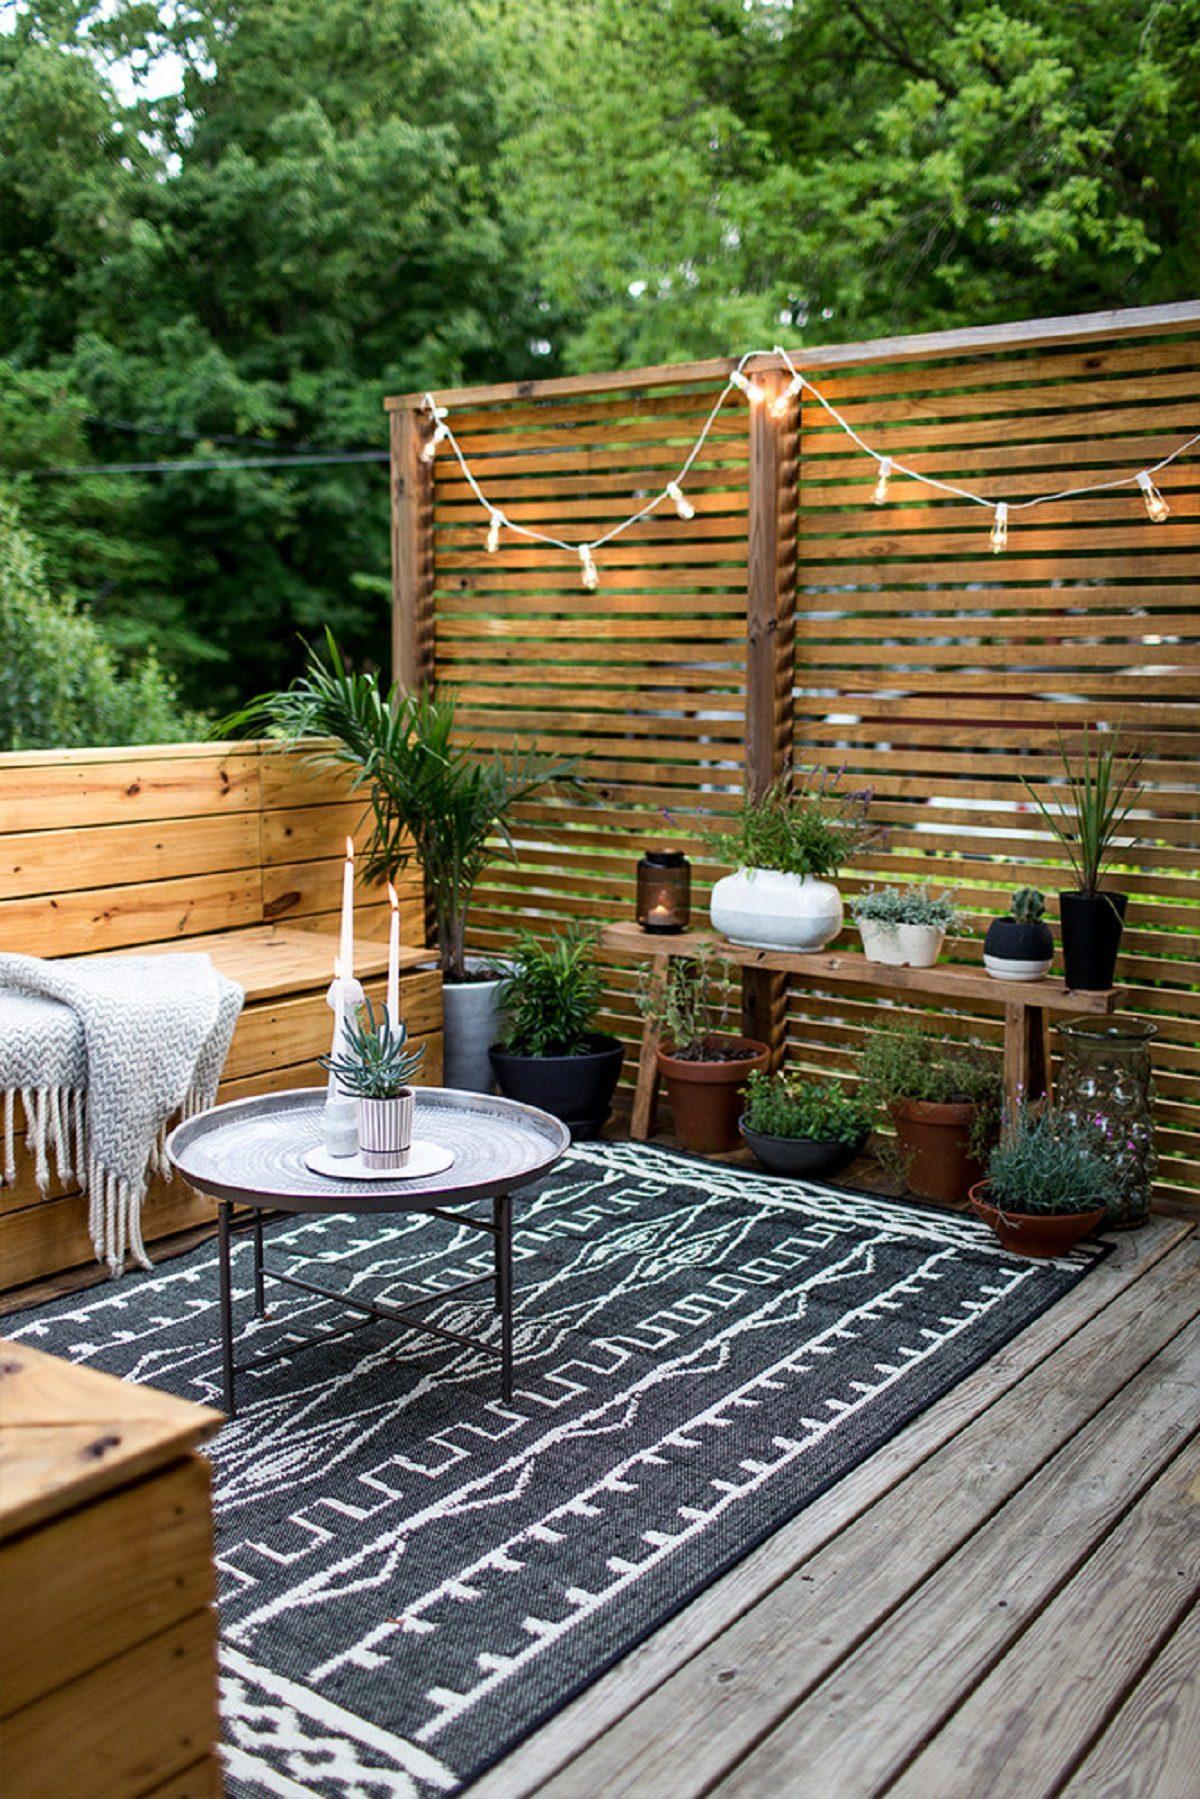 Outdoor Decor: 4 Dicas de decoração de espaços exteriores